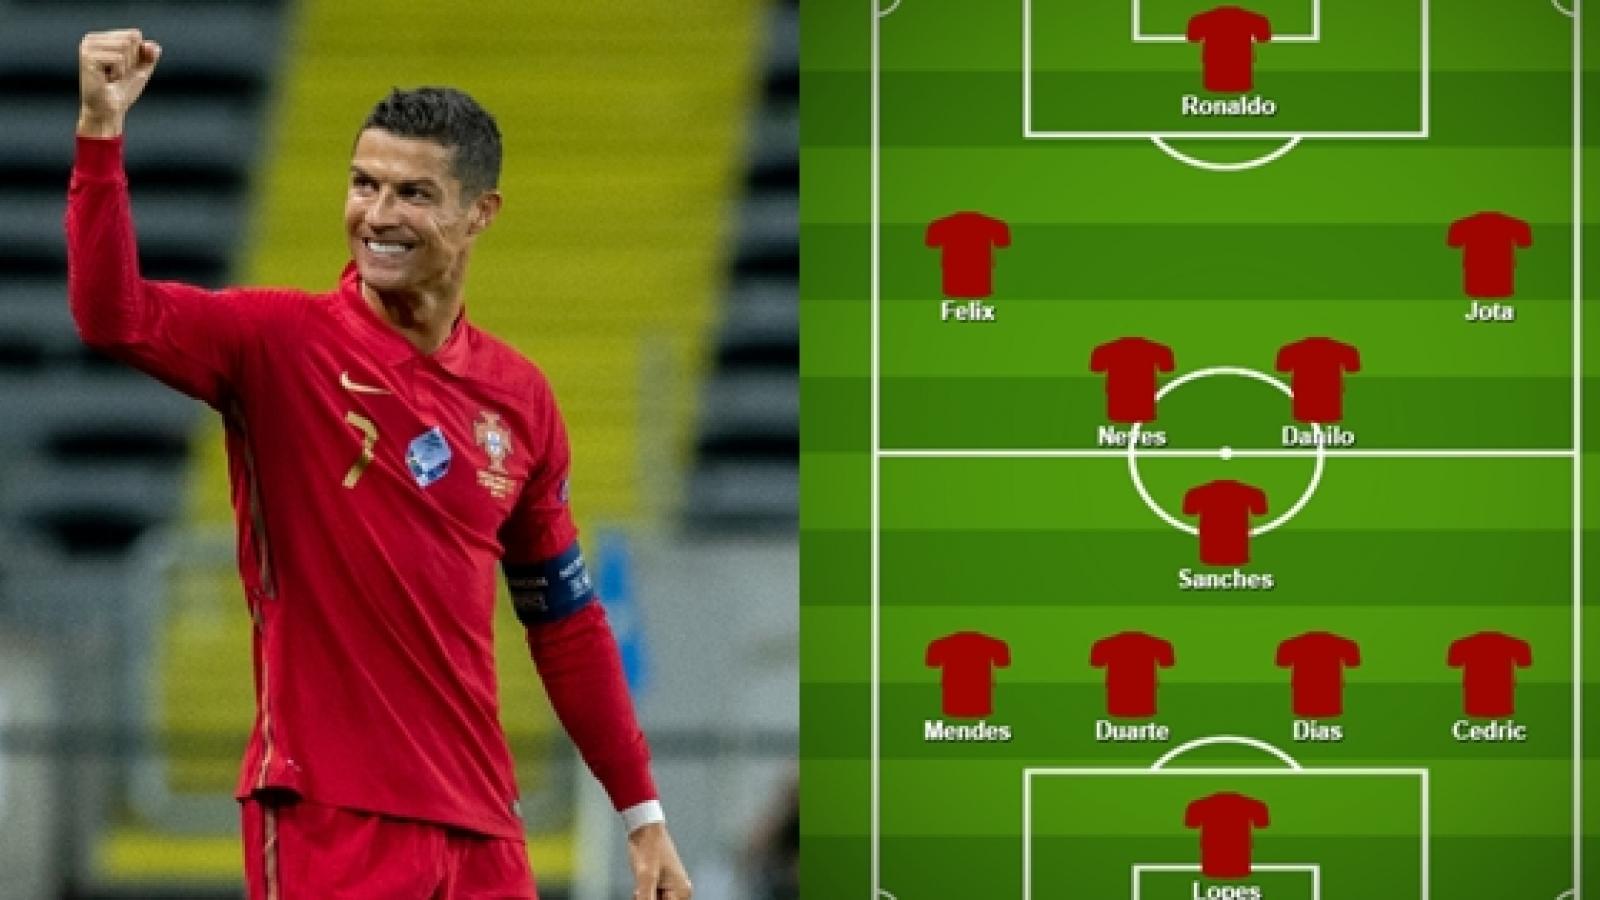 Luxembourg - Bồ Đào Nha: Ronaldo đá chính, Bruno Fernandes dự bị?